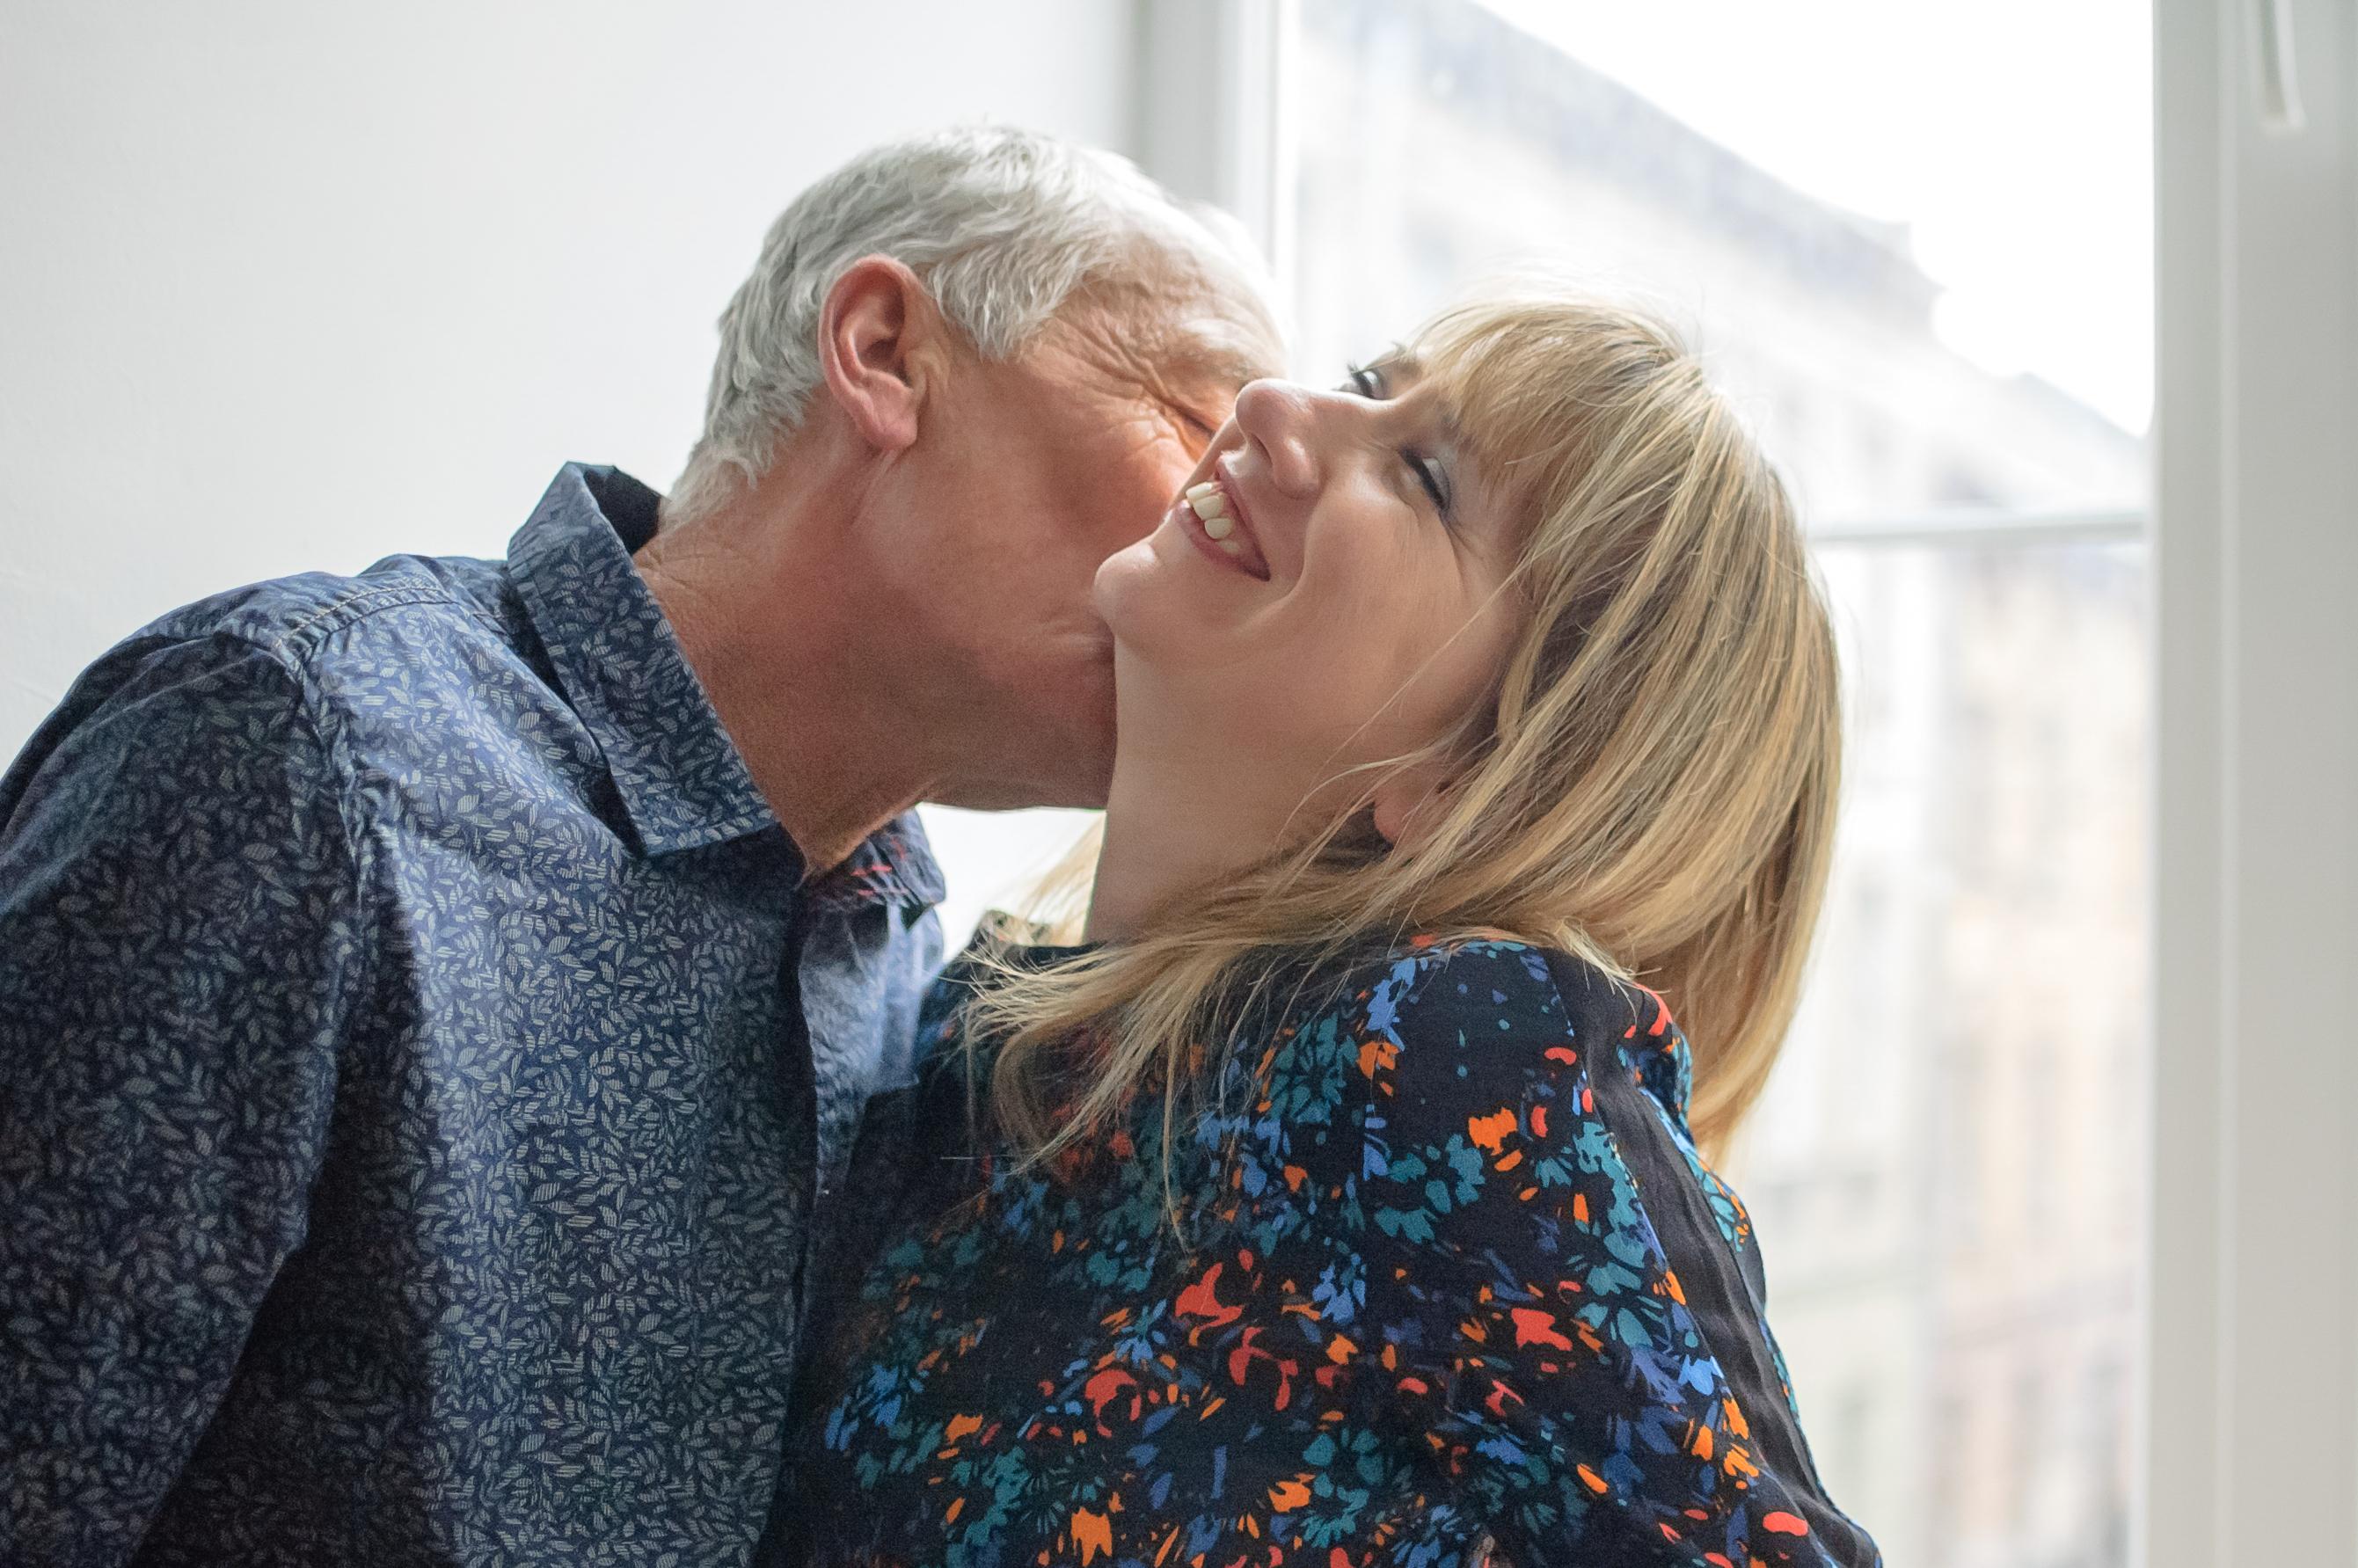 Sex är inte bara något som händer utan det kan krävas både tanke, tid och handling, säger sexologen Suzanne Larsdotter.